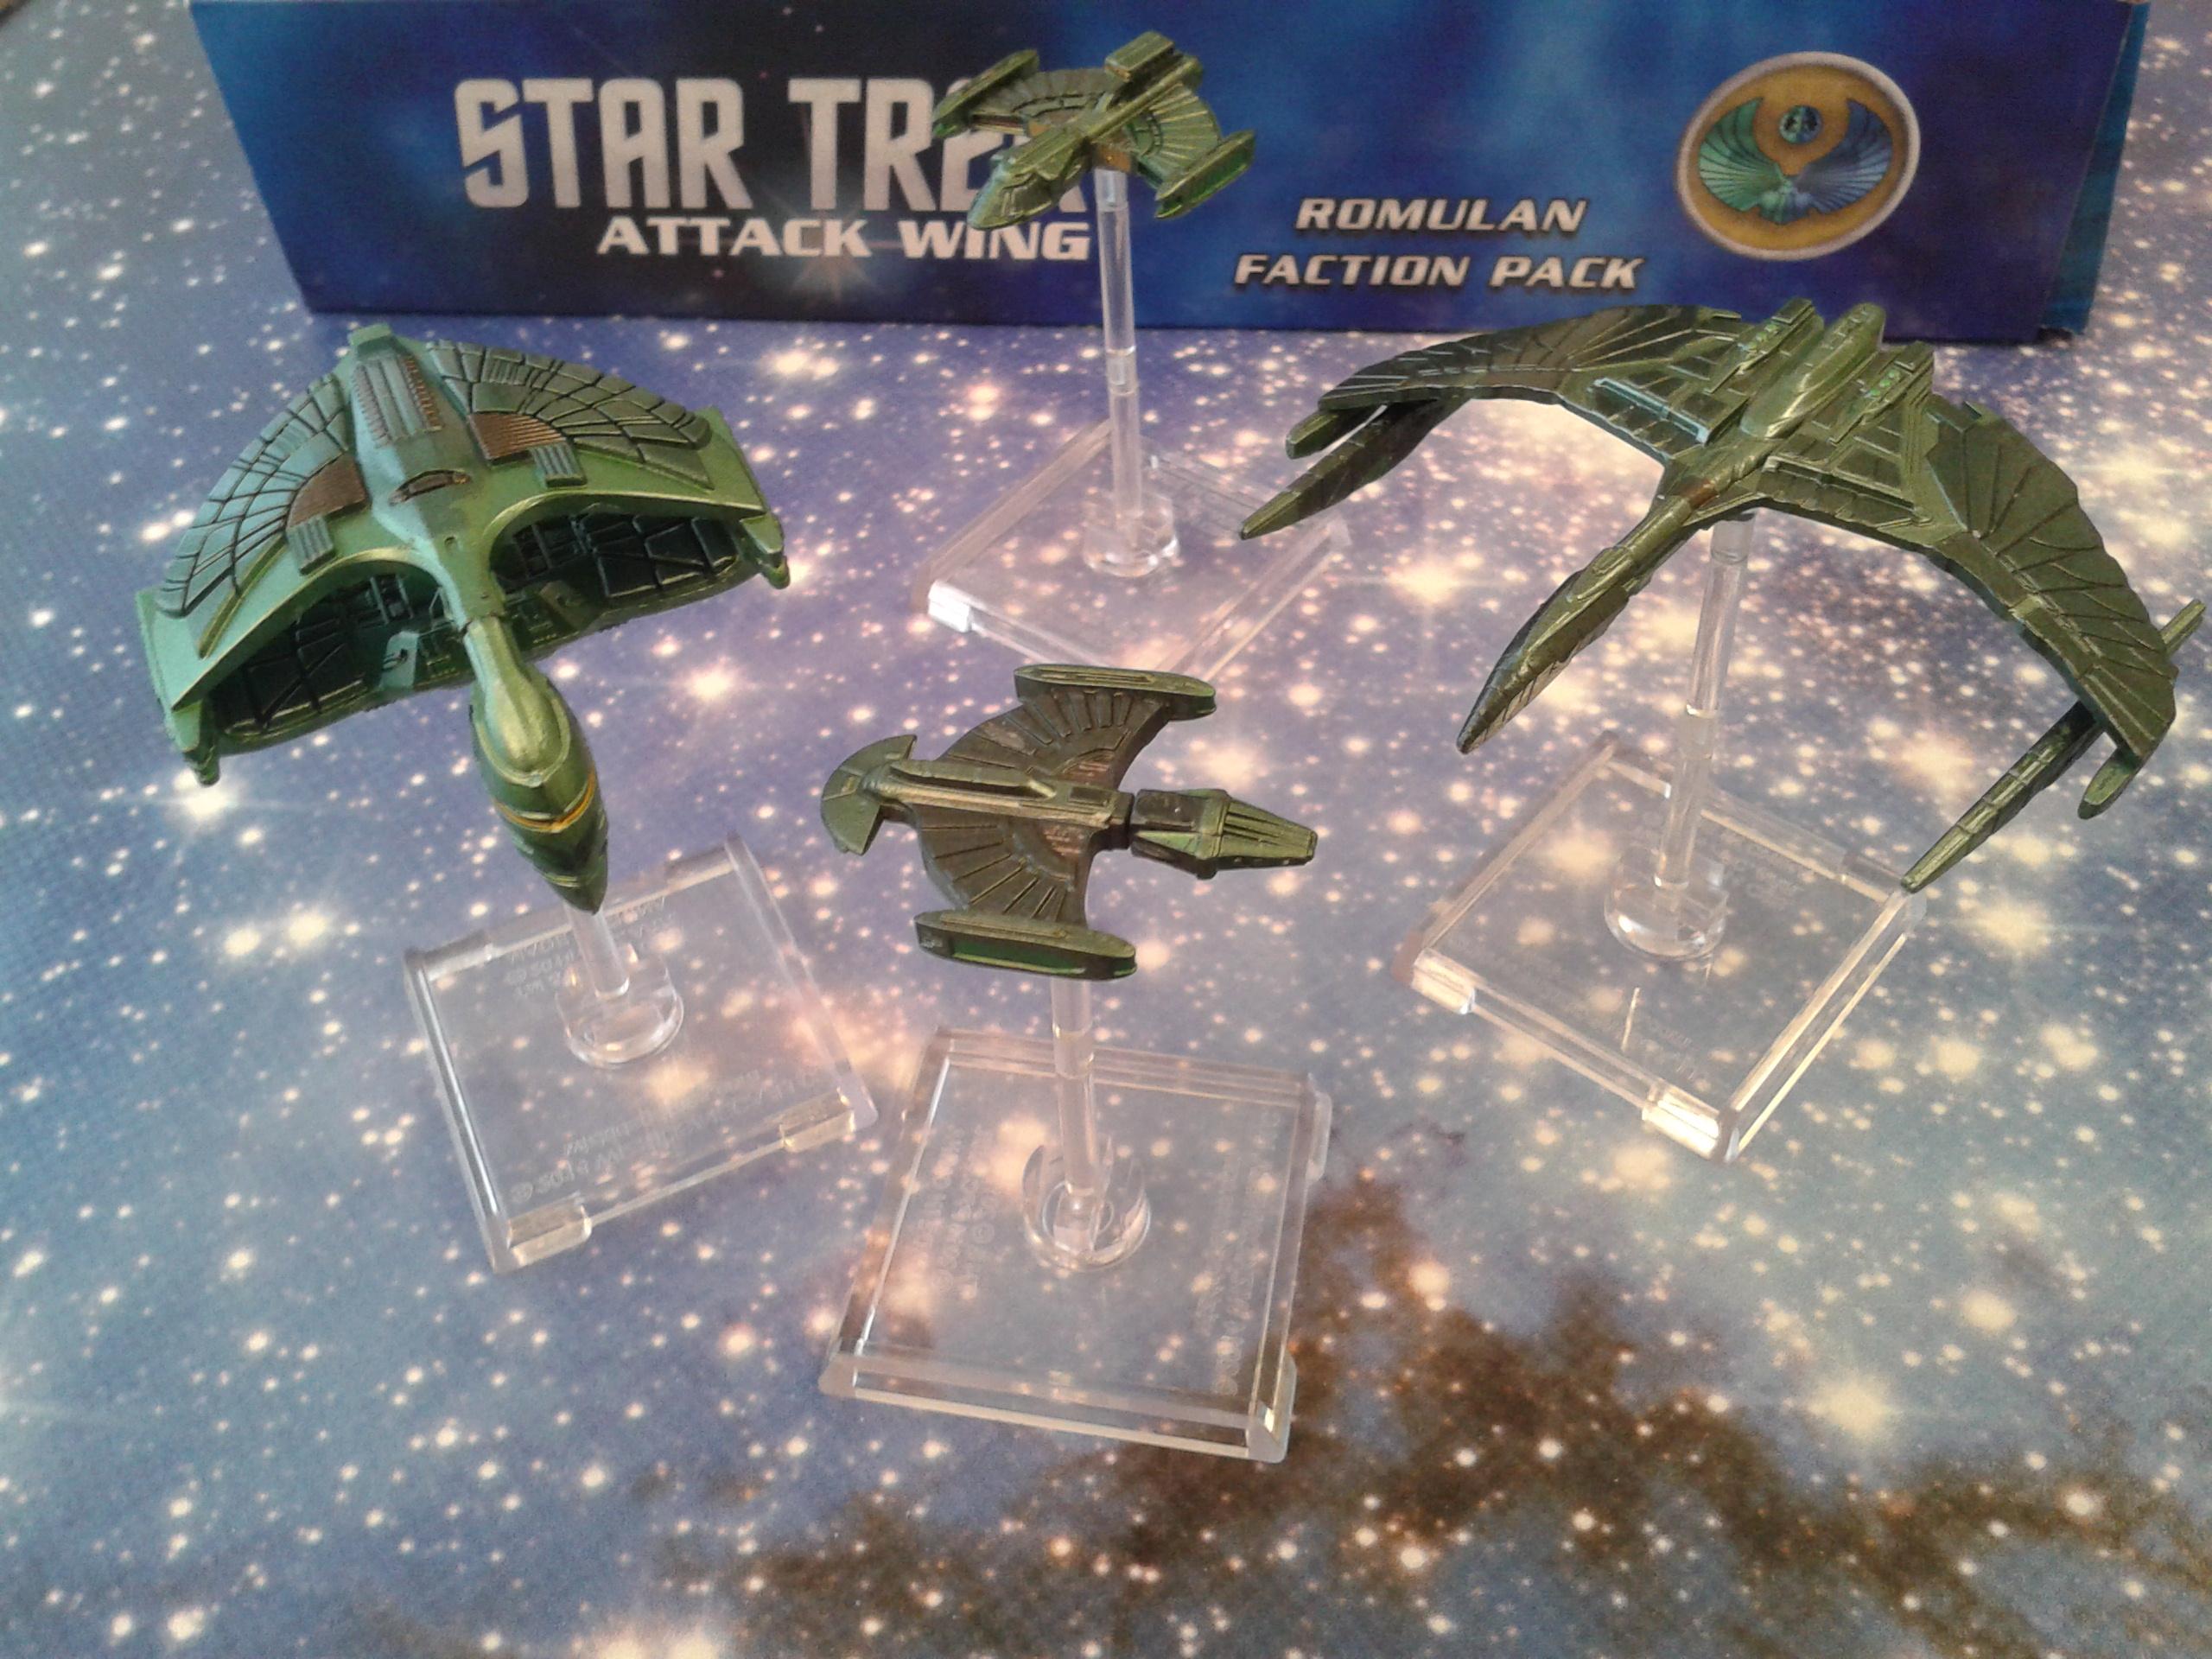 (Star Trek Attack Wing auf) Weiterspielen.net - Seite 35 20191024_152237